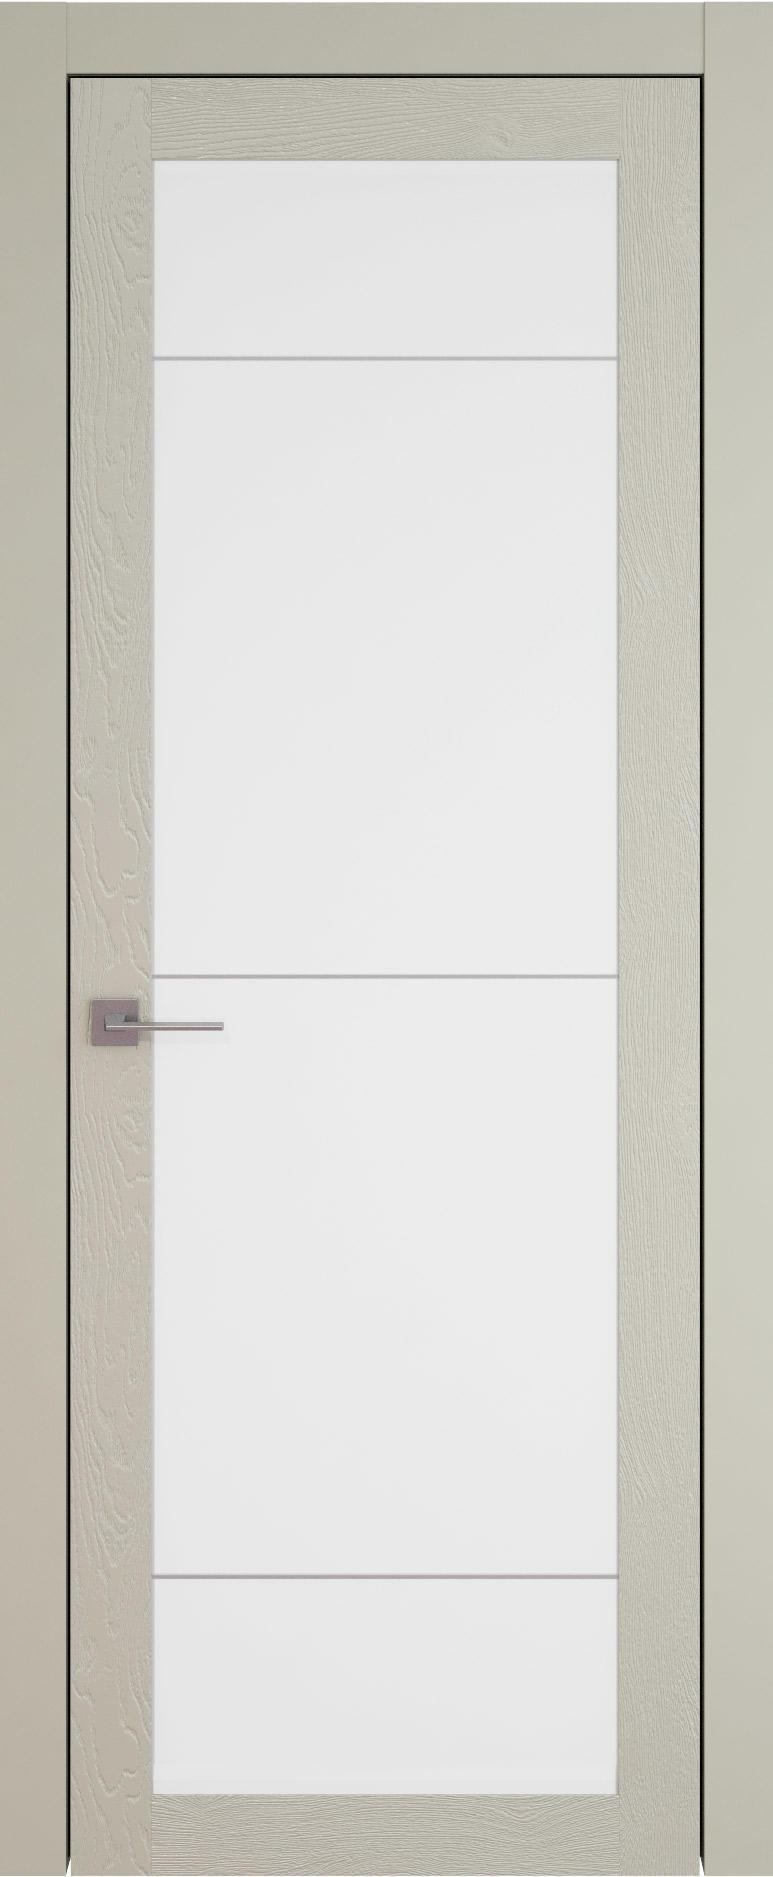 Tivoli З-3 цвет - Серо-оливковая эмаль по шпону (RAL 7032) Со стеклом (ДО)